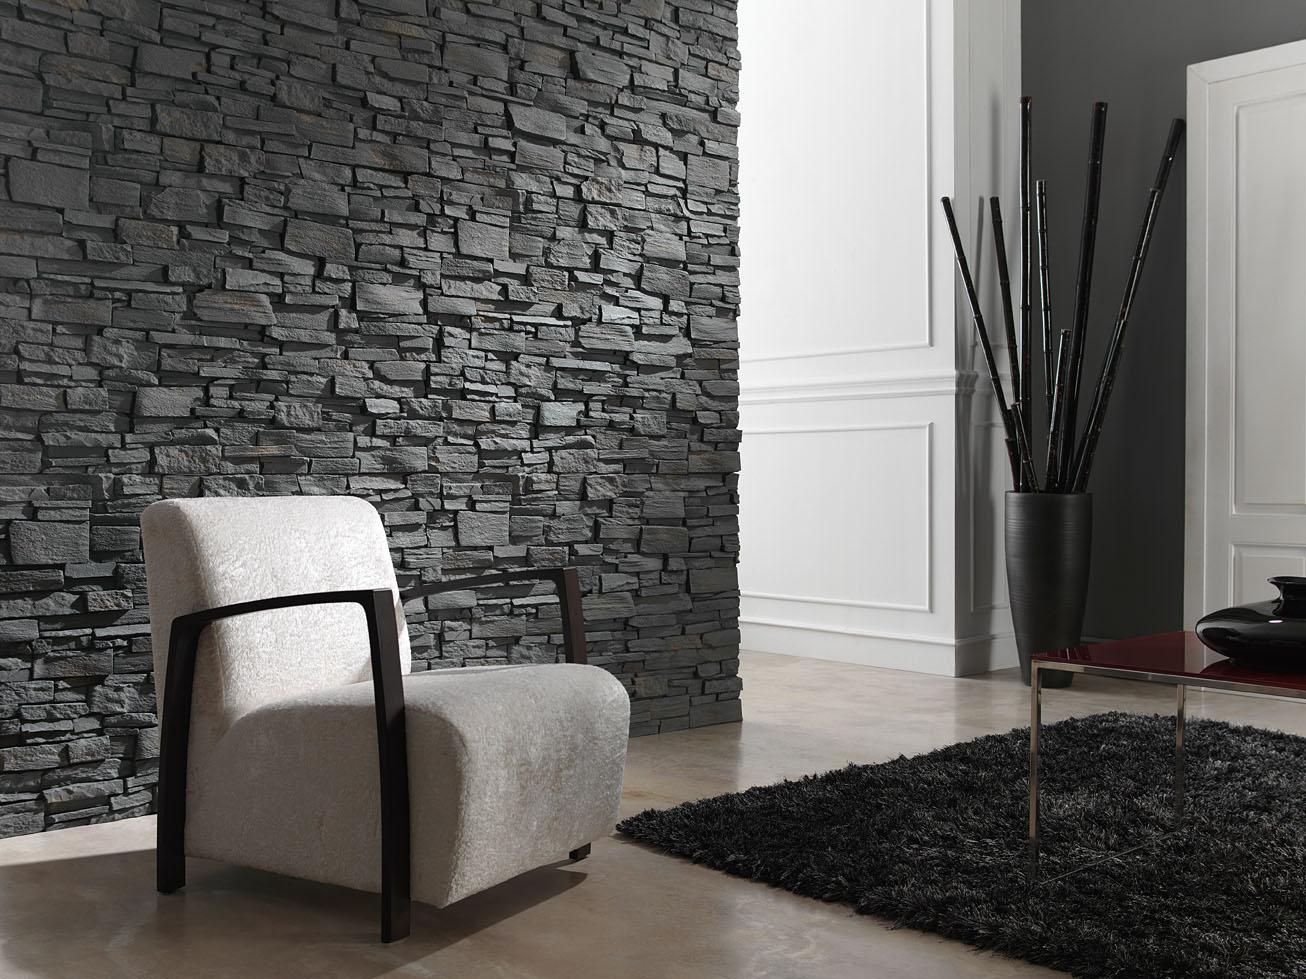 Muros sinteticos decorativos realizados con panel piedra - Revestimiento paredes interiores pizarra ...